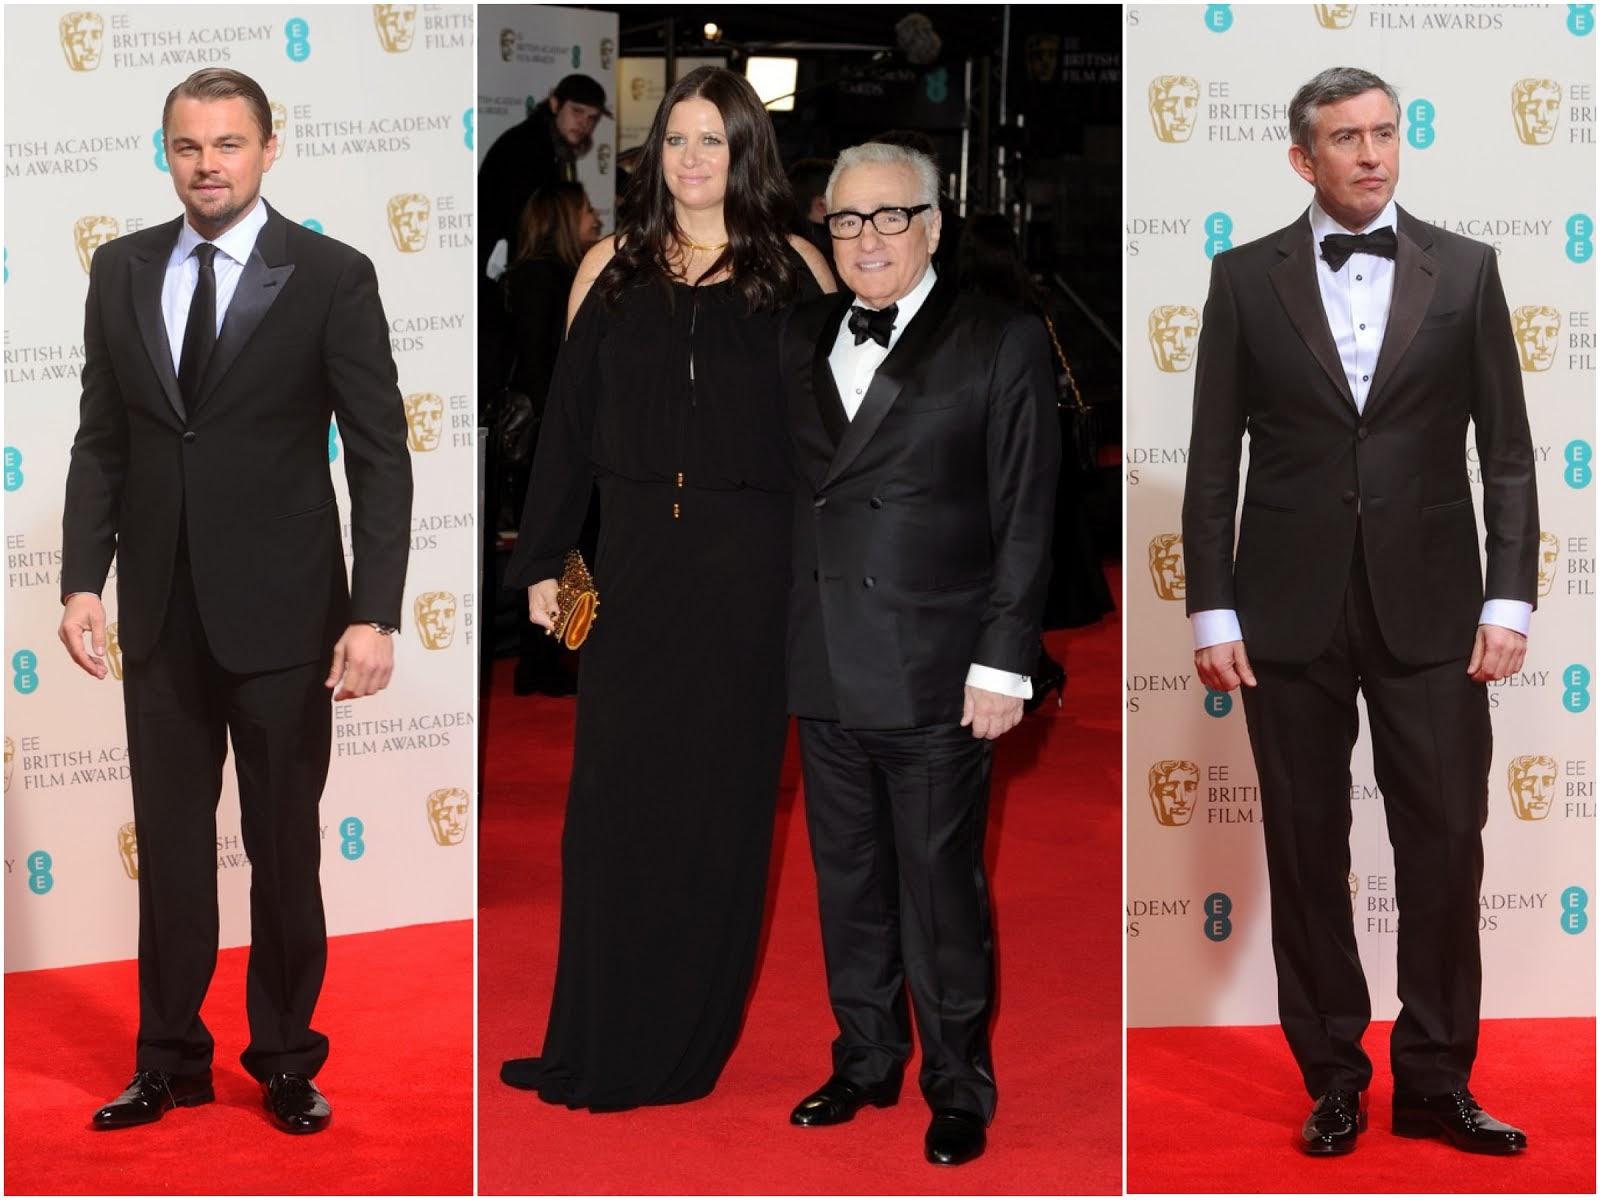 Leonardo DiCaprio, Martin Scorsese and Steve Coogan in Giorgio Armani - BAFTAs 2014